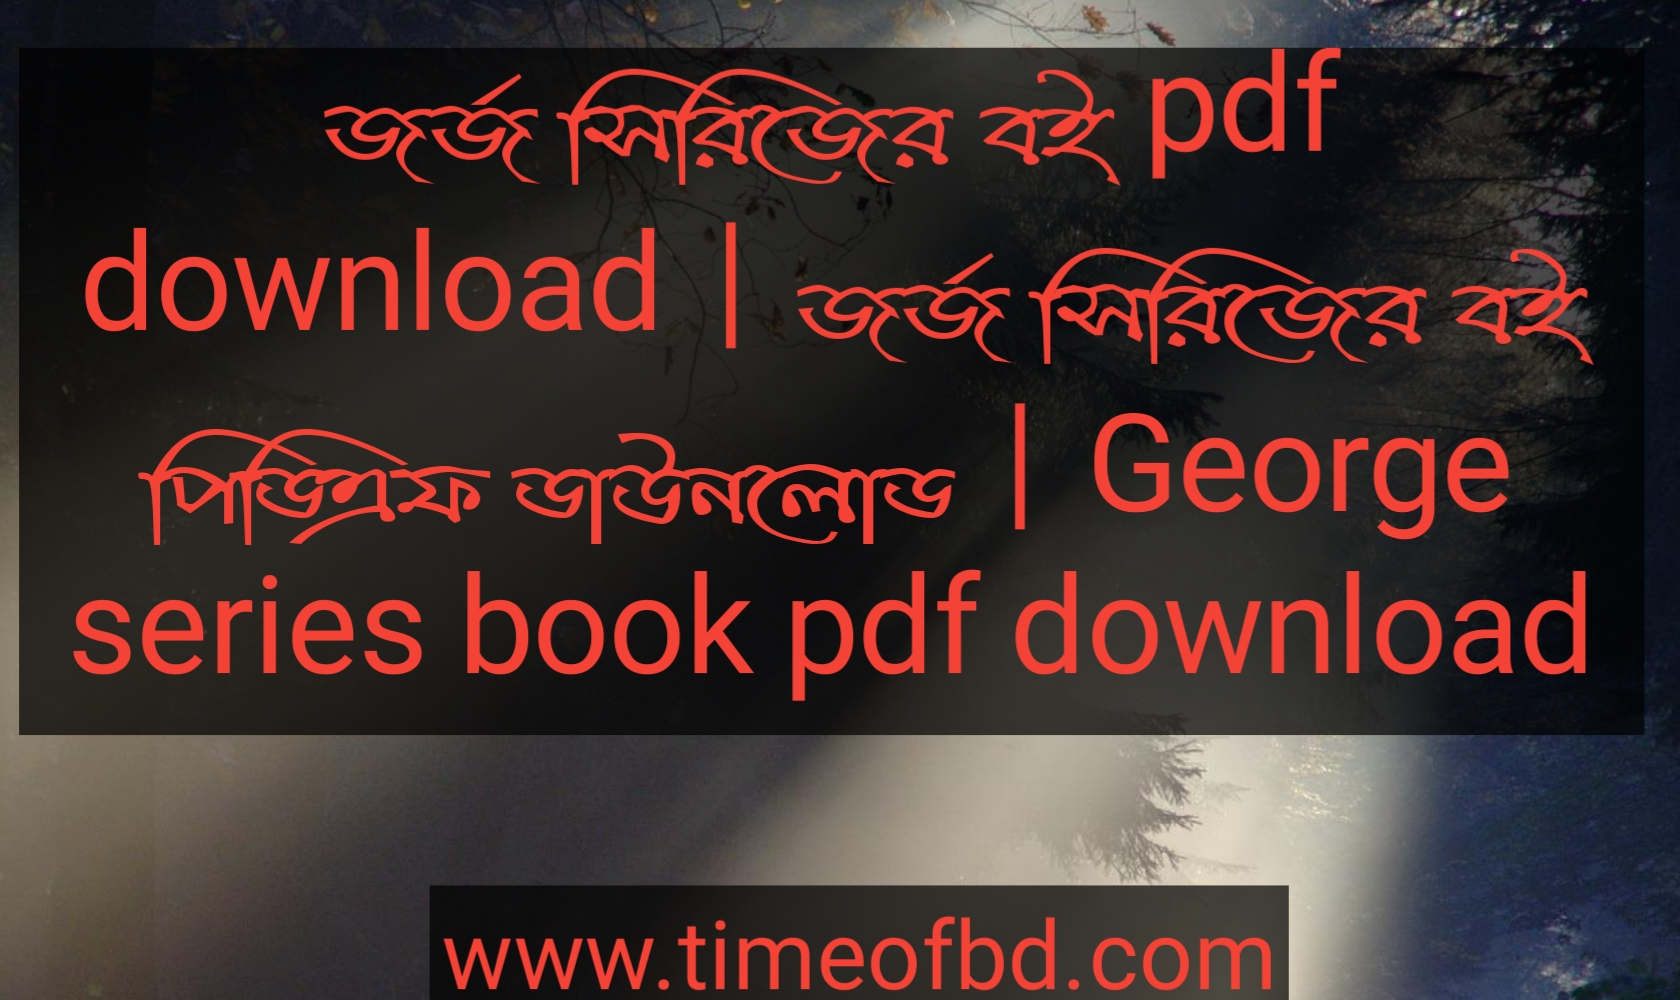 জর্জ সিরিজের বই pdf download, জর্জ সিরিজের বই পিডিএফ ডাউনলোড, জর্জ সিরিজের বই পিডিএফ, জর্জ সিরিজের বই pdf,